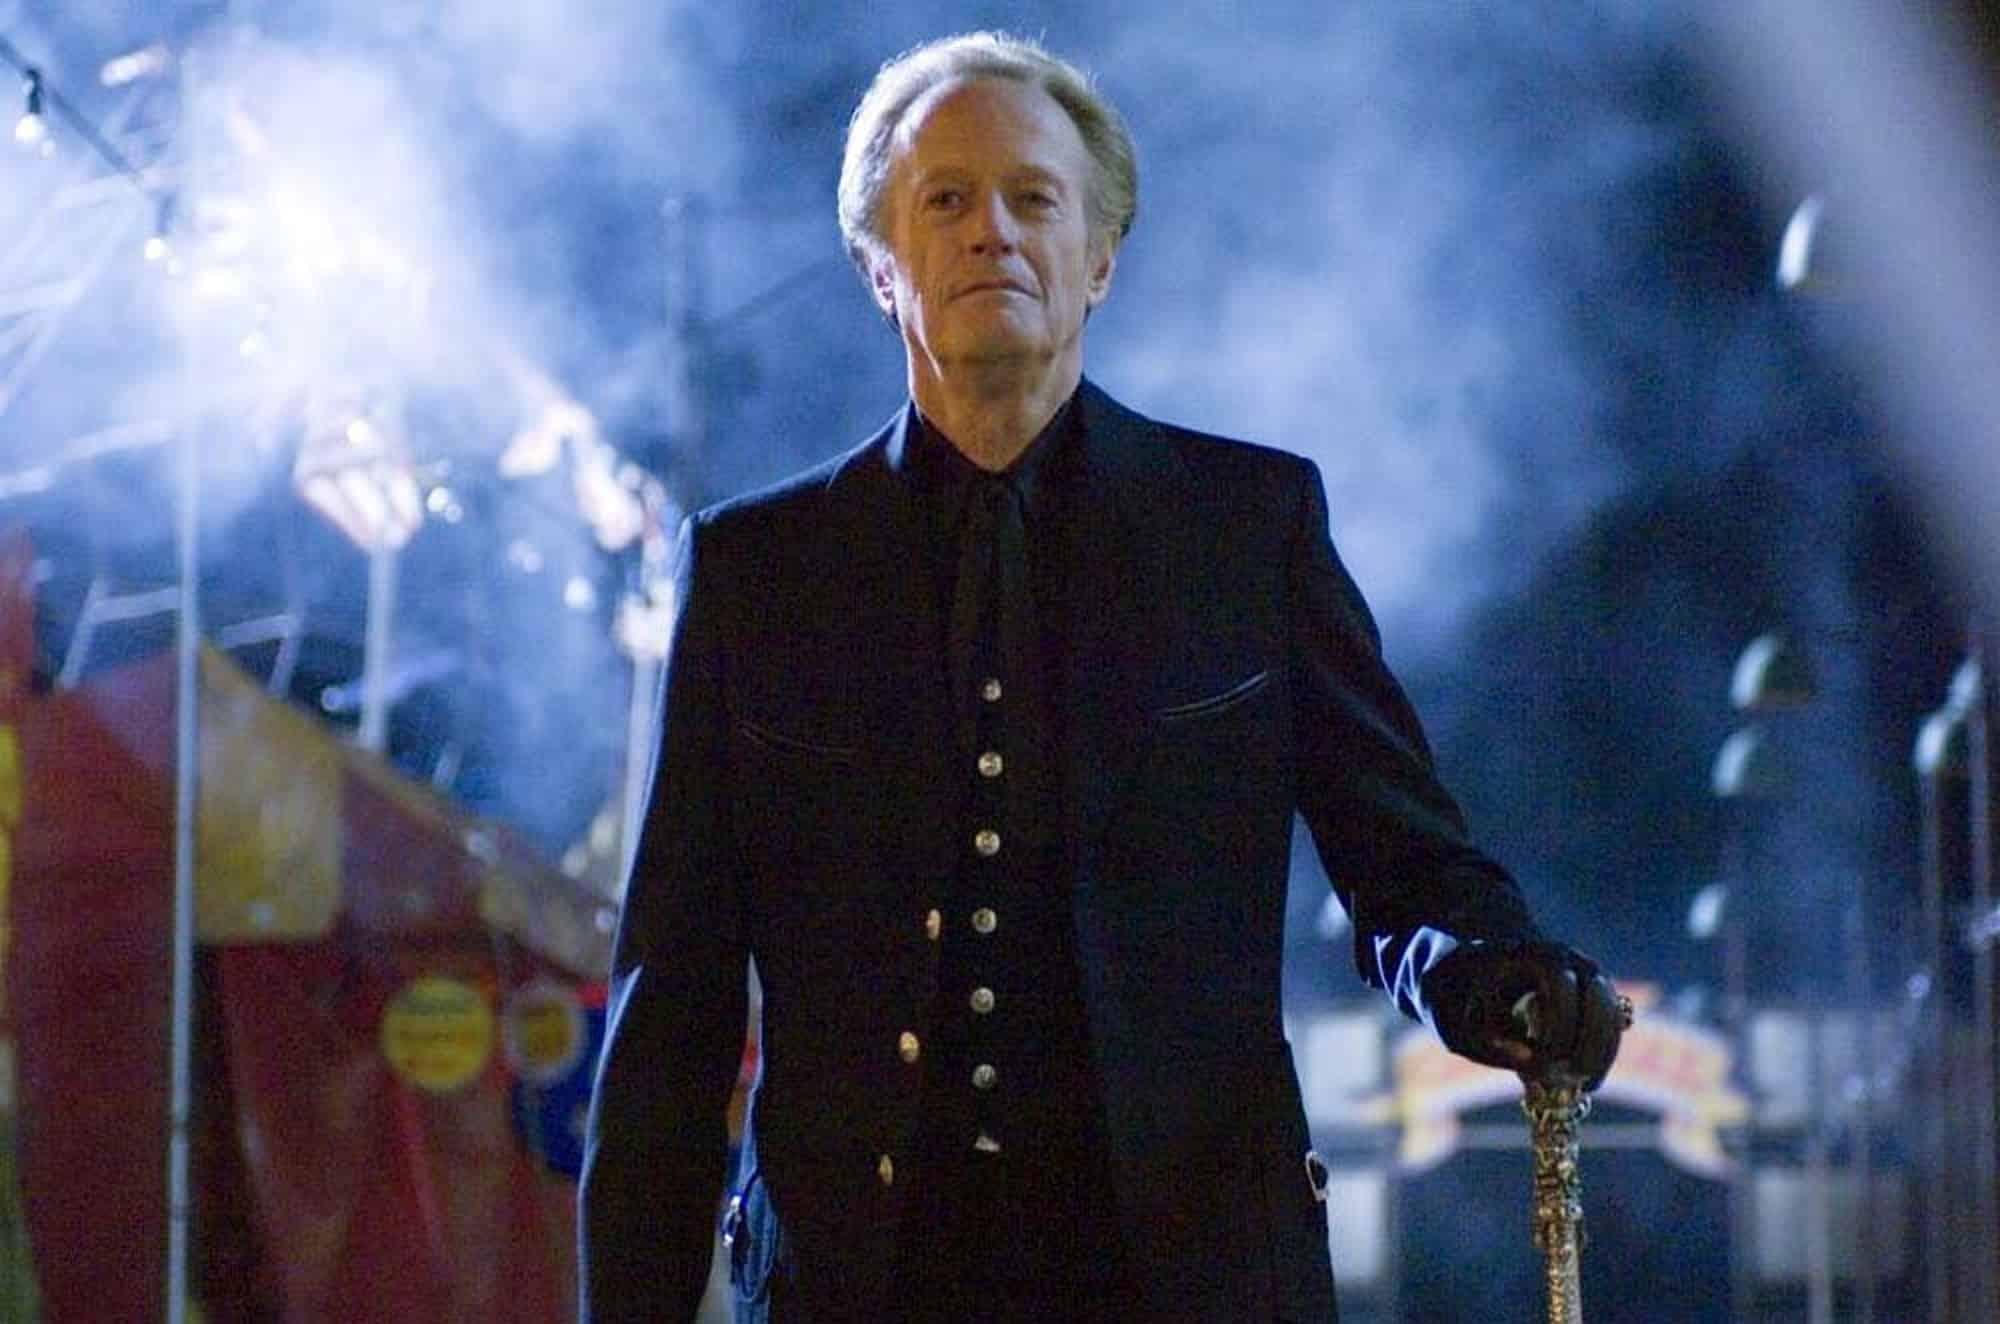 Умер актер Питер Фонда, «призрачный гонщик»: причины смерти, биография, фильмы с его участием